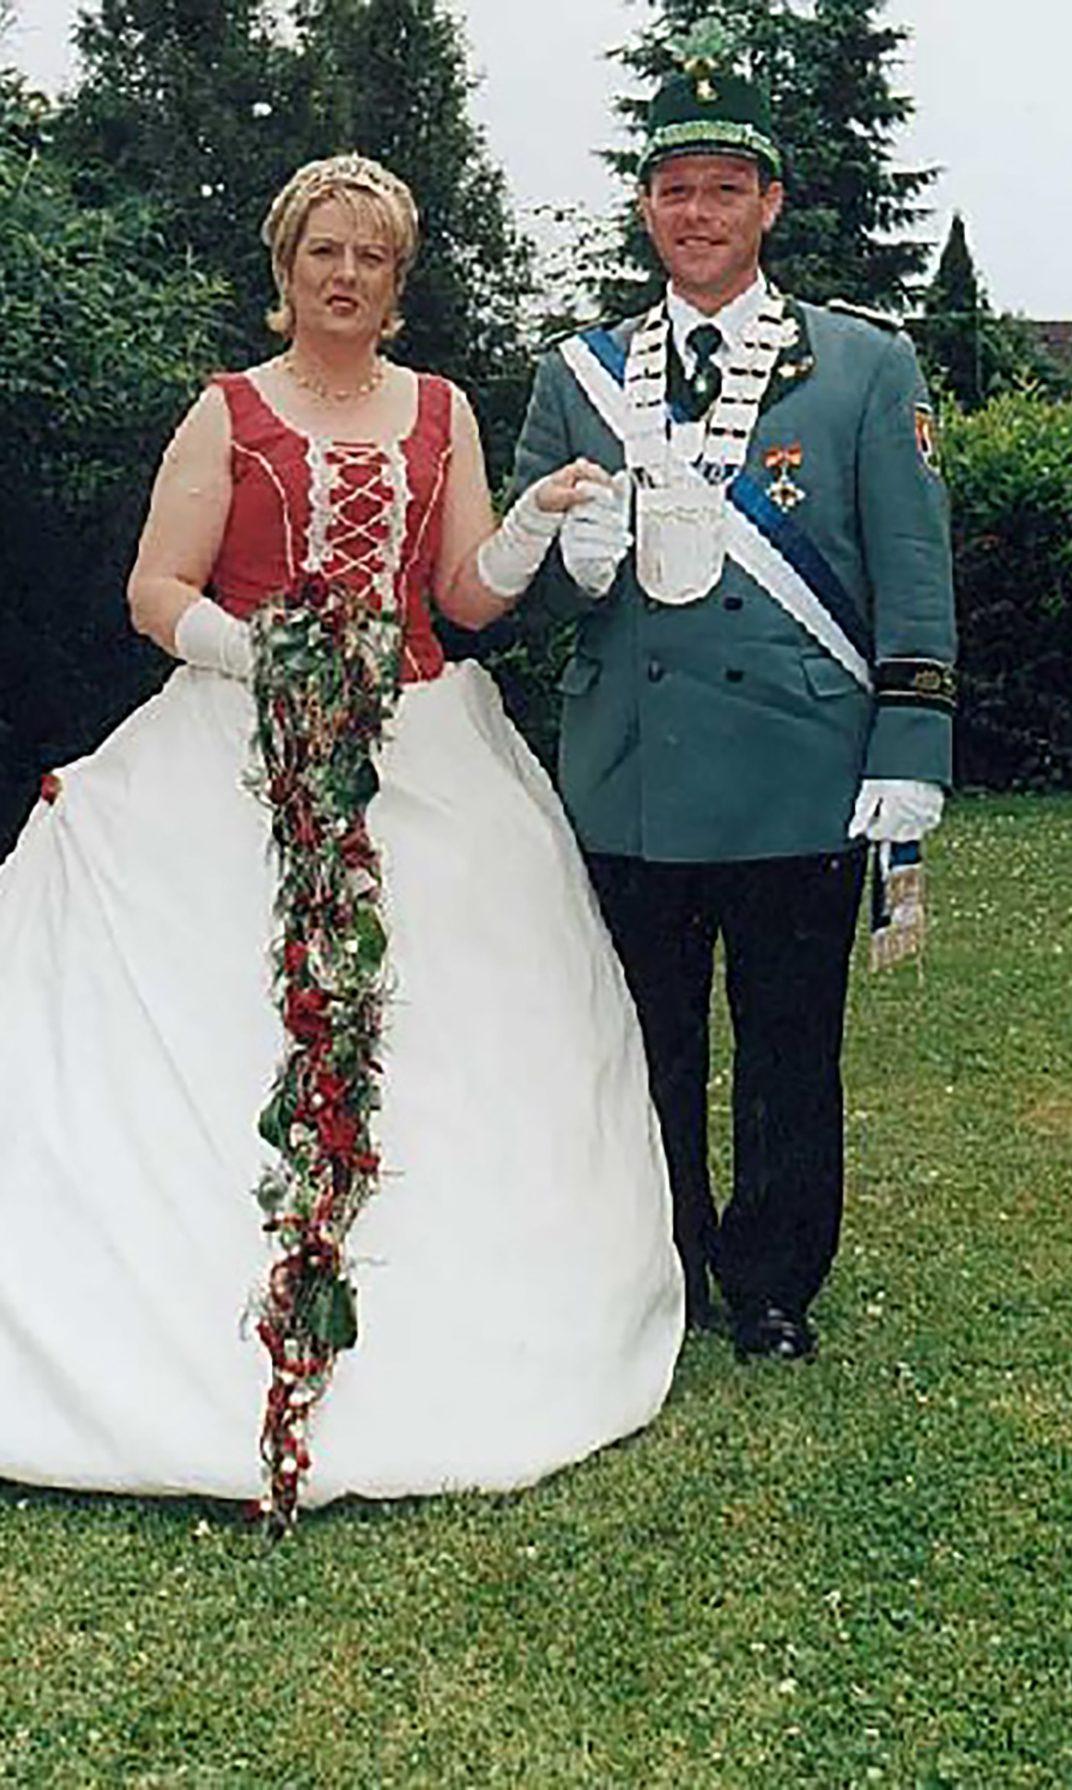 Koenigspaar_2002